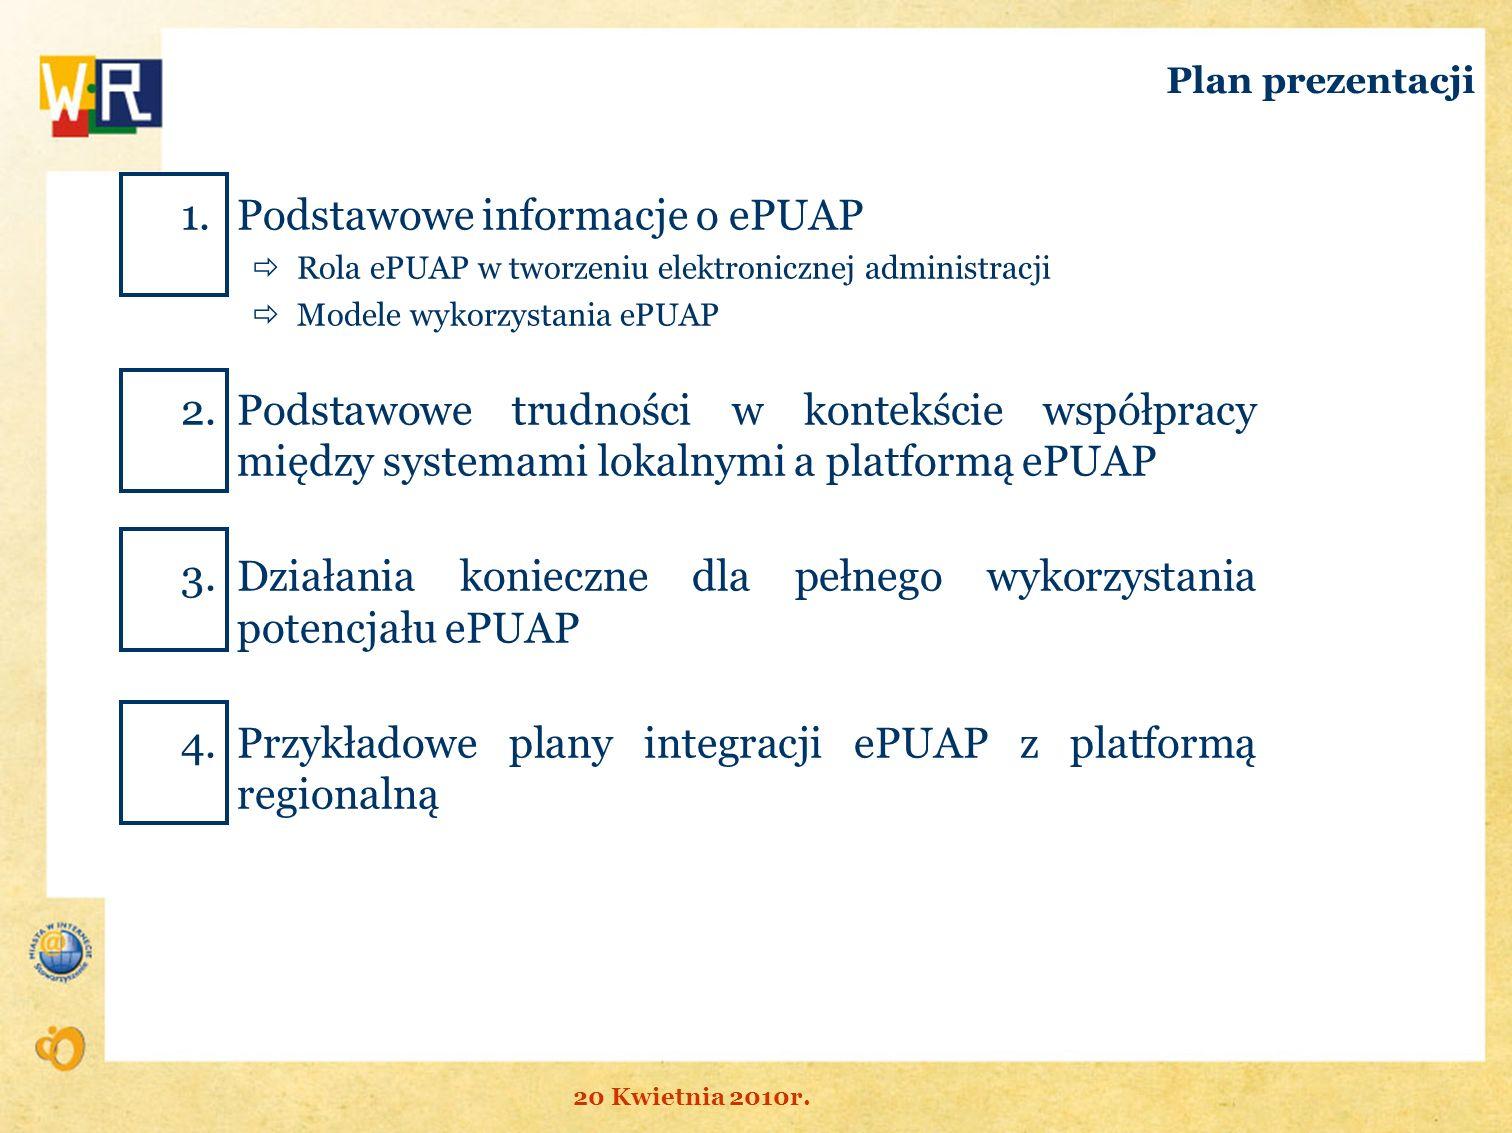 Plan prezentacji 1.Podstawowe informacje o ePUAP Rola ePUAP w tworzeniu elektronicznej administracji Modele wykorzystania ePUAP 2.Podstawowe trudności